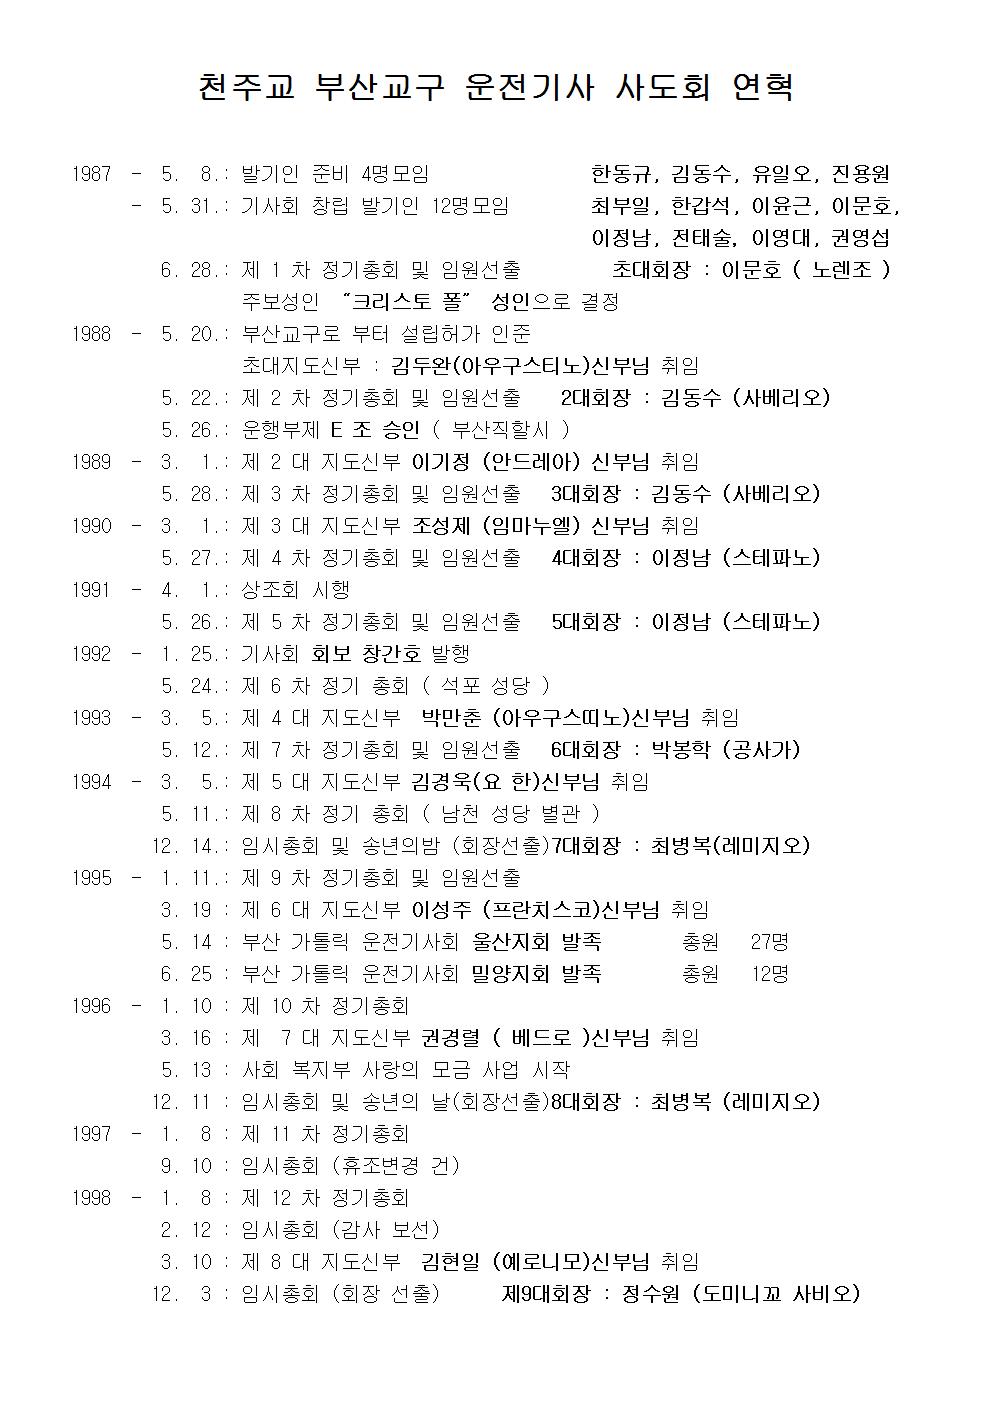 사도회 연혁001.png